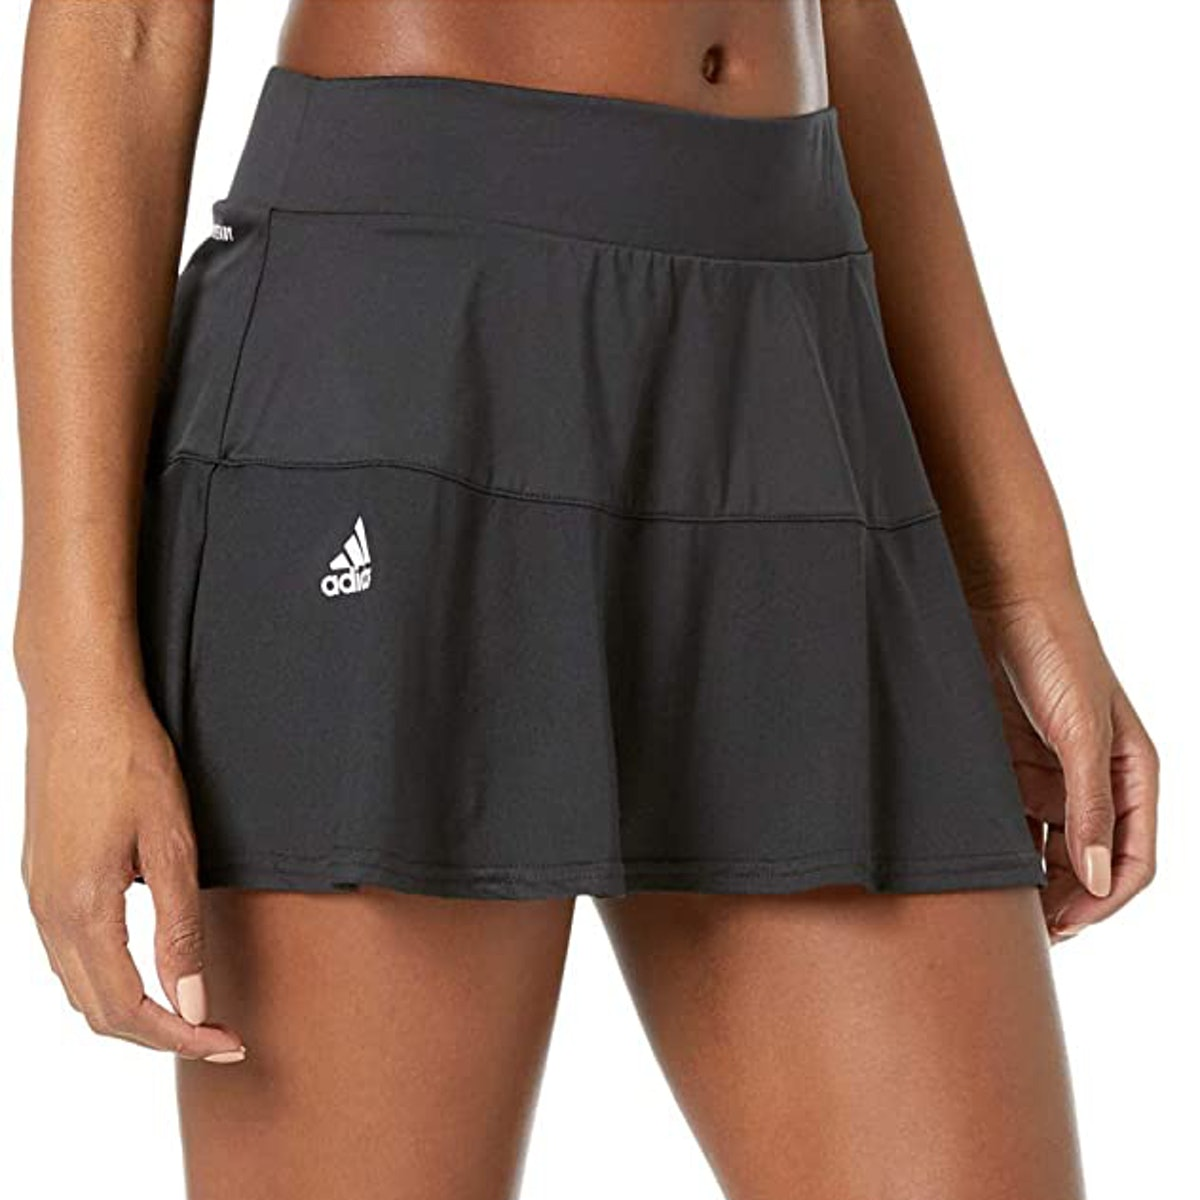 Adidas Match Skirt